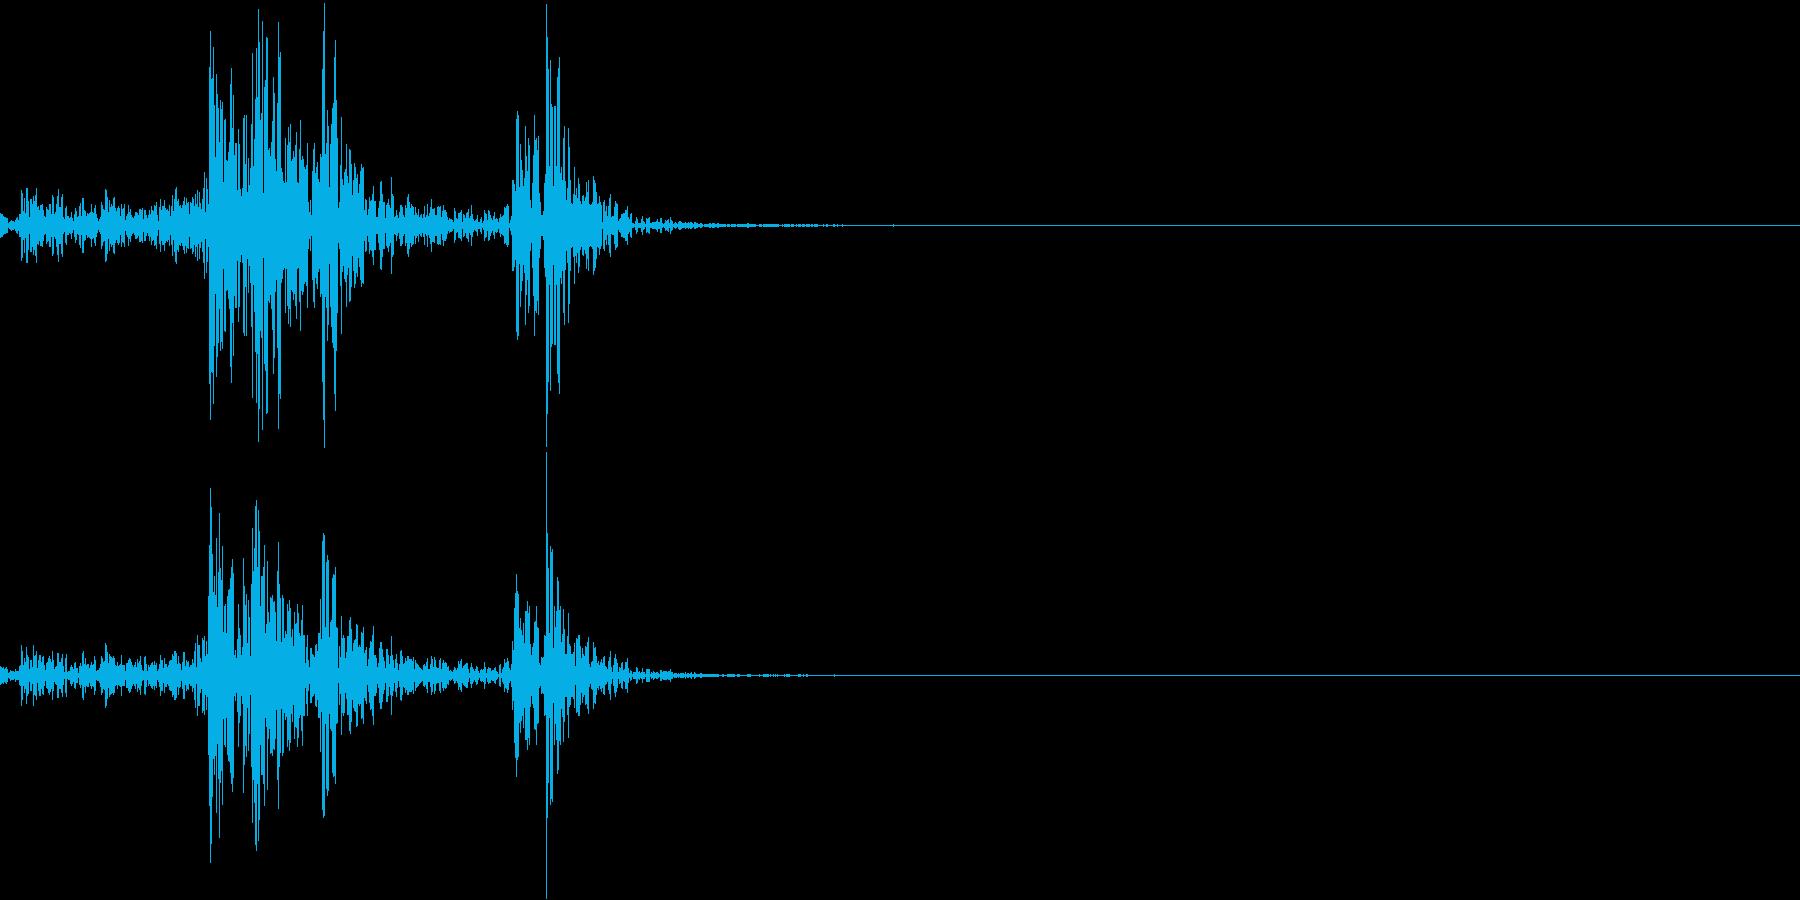 蔵の扉やタンスの取っ手を掴む音の再生済みの波形